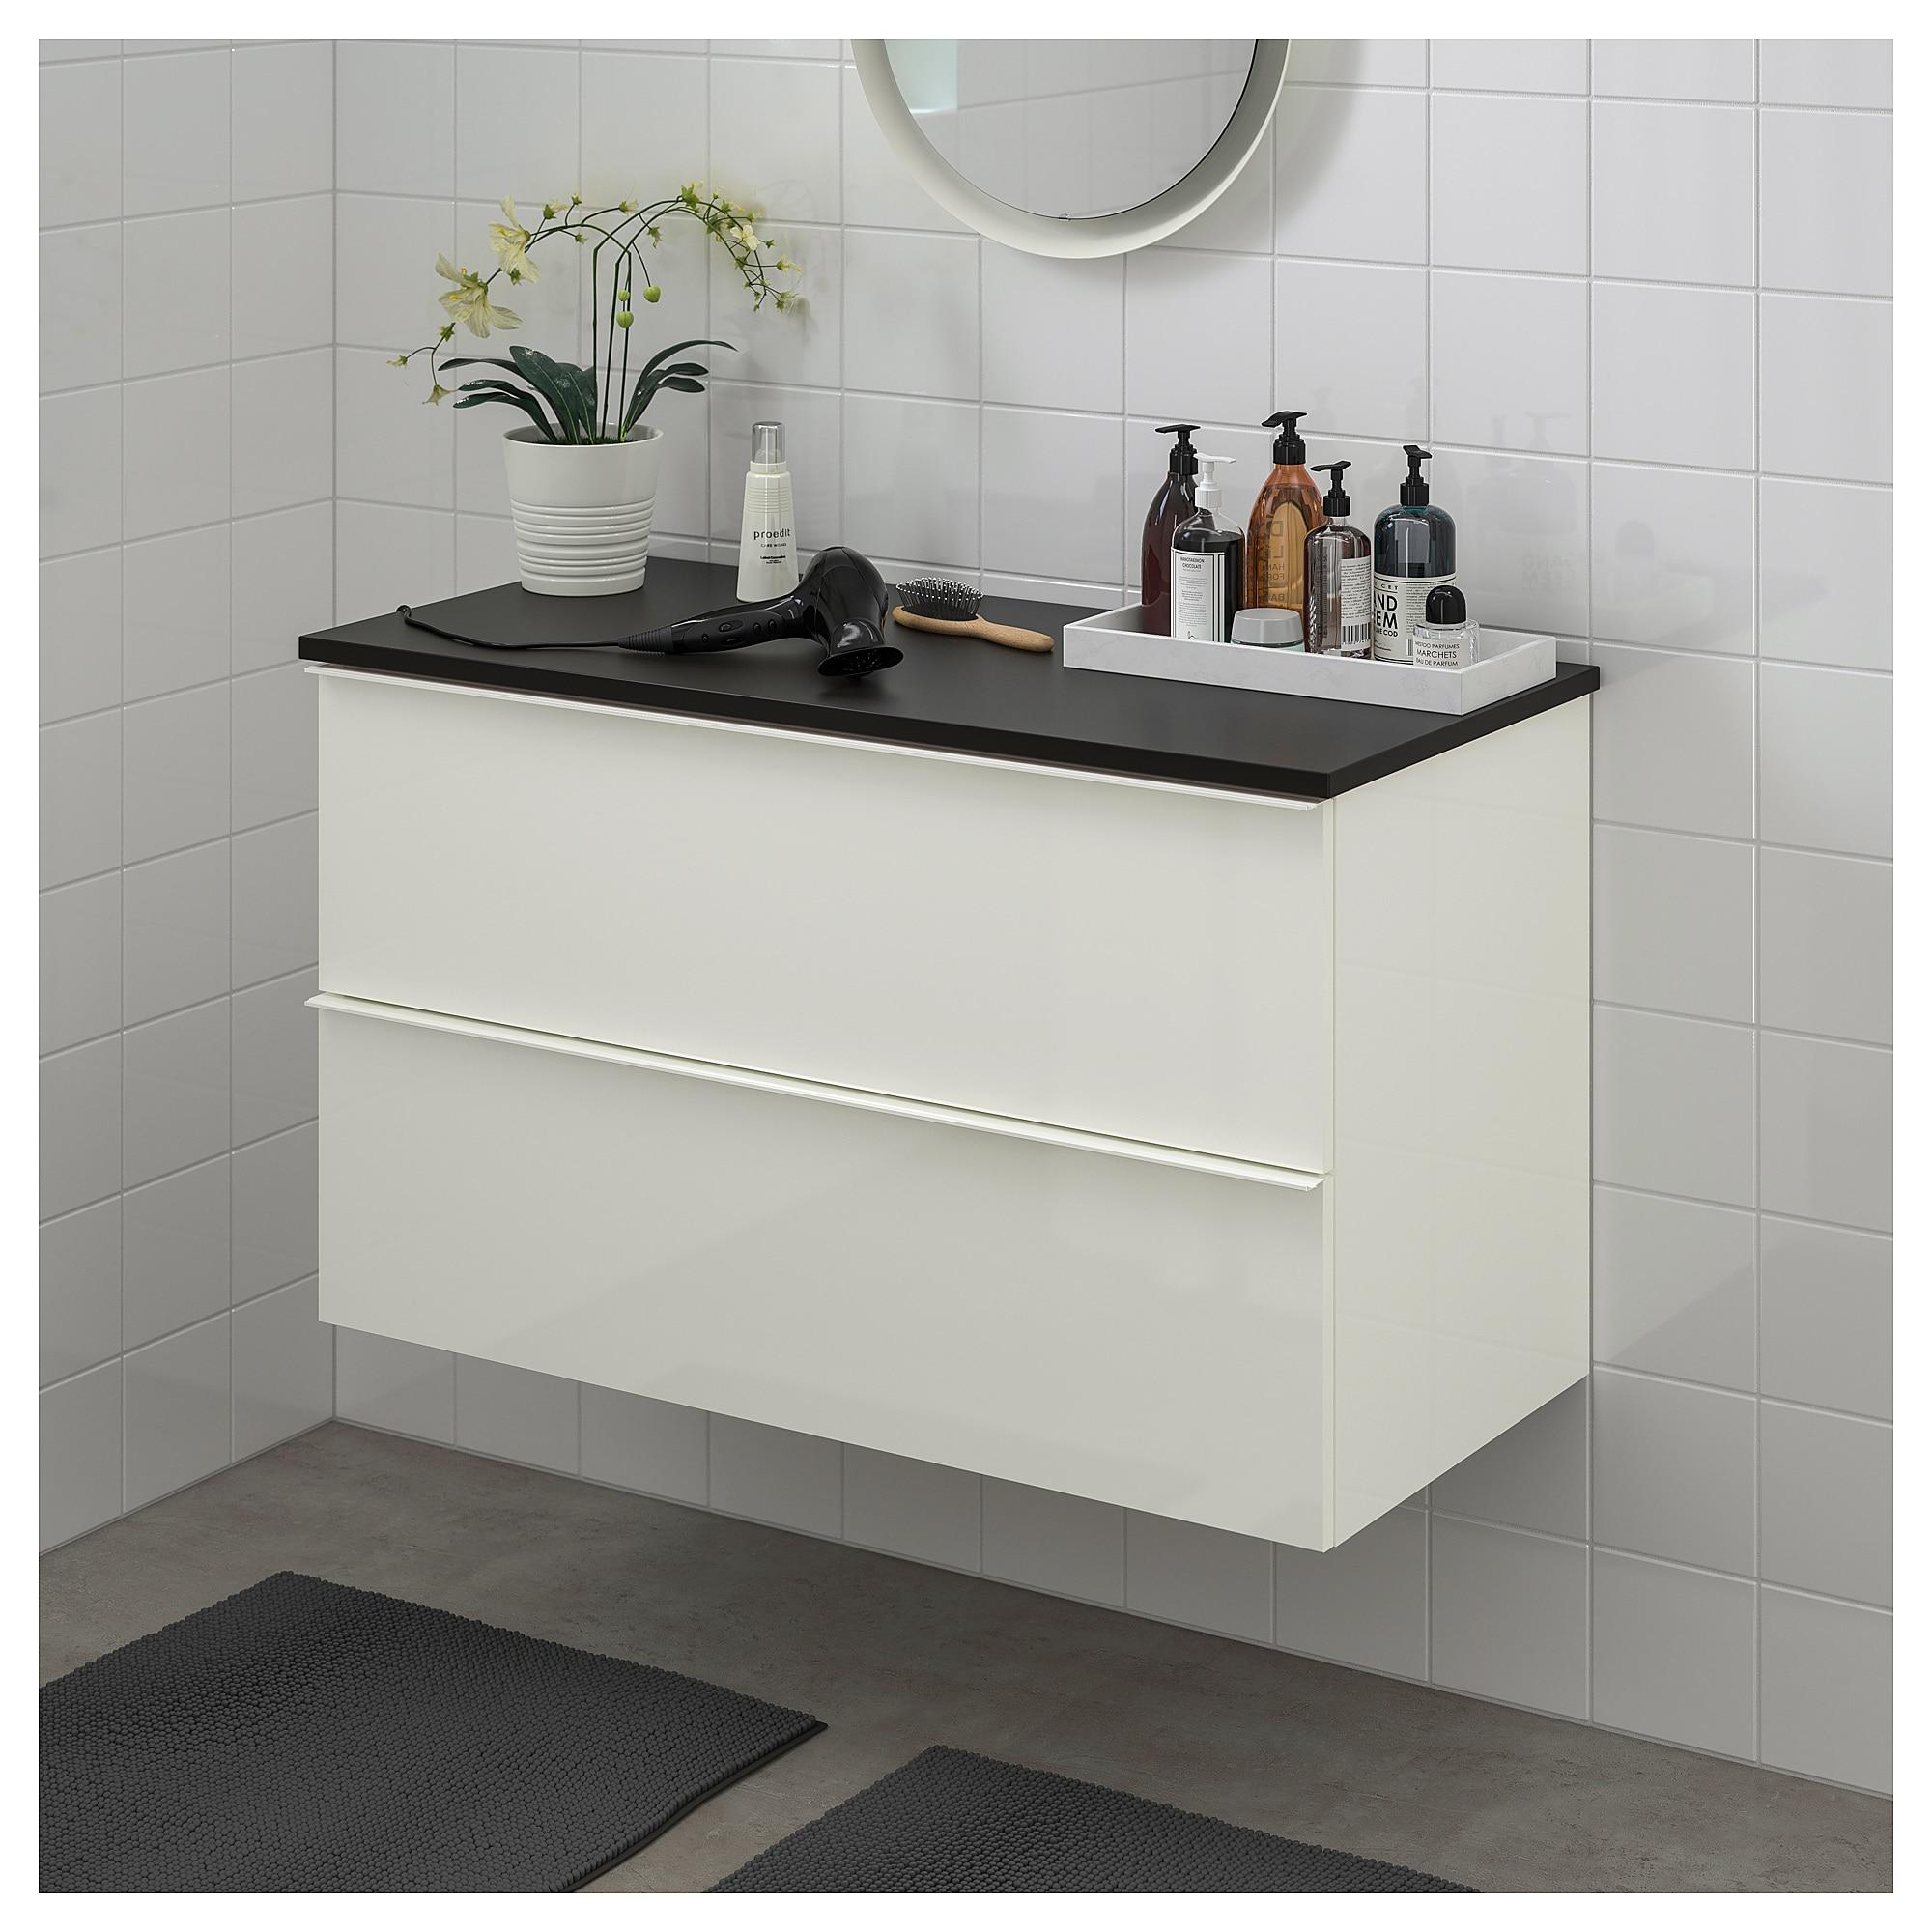 Godmorgon Tolken Waschbeckenschrank 2 Schubl Hochglanz Weiss Waschbeckenschrank Ikea Und Ikea Godmorgon